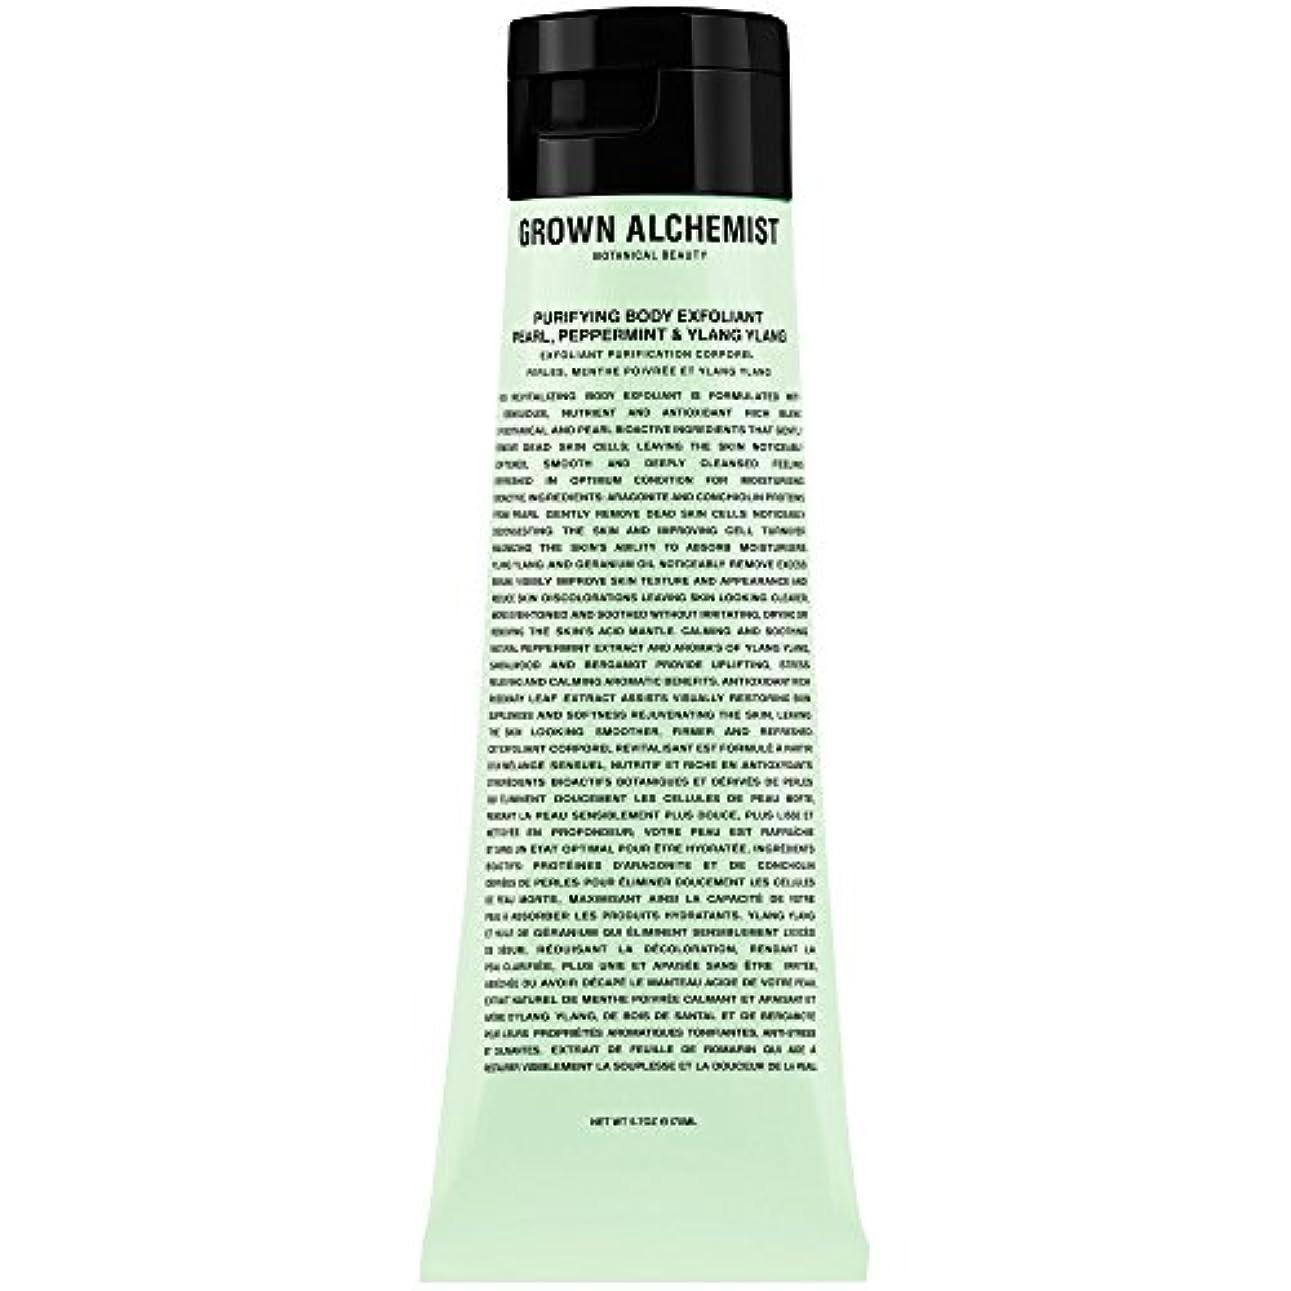 ありそうピルラッカス成長した錬金術師浄化体剥脱真珠ペパーミント&イランイラン170ミリリットル (Grown Alchemist) (x2) - Grown Alchemist Purifying Body Exfoliant Pearl...